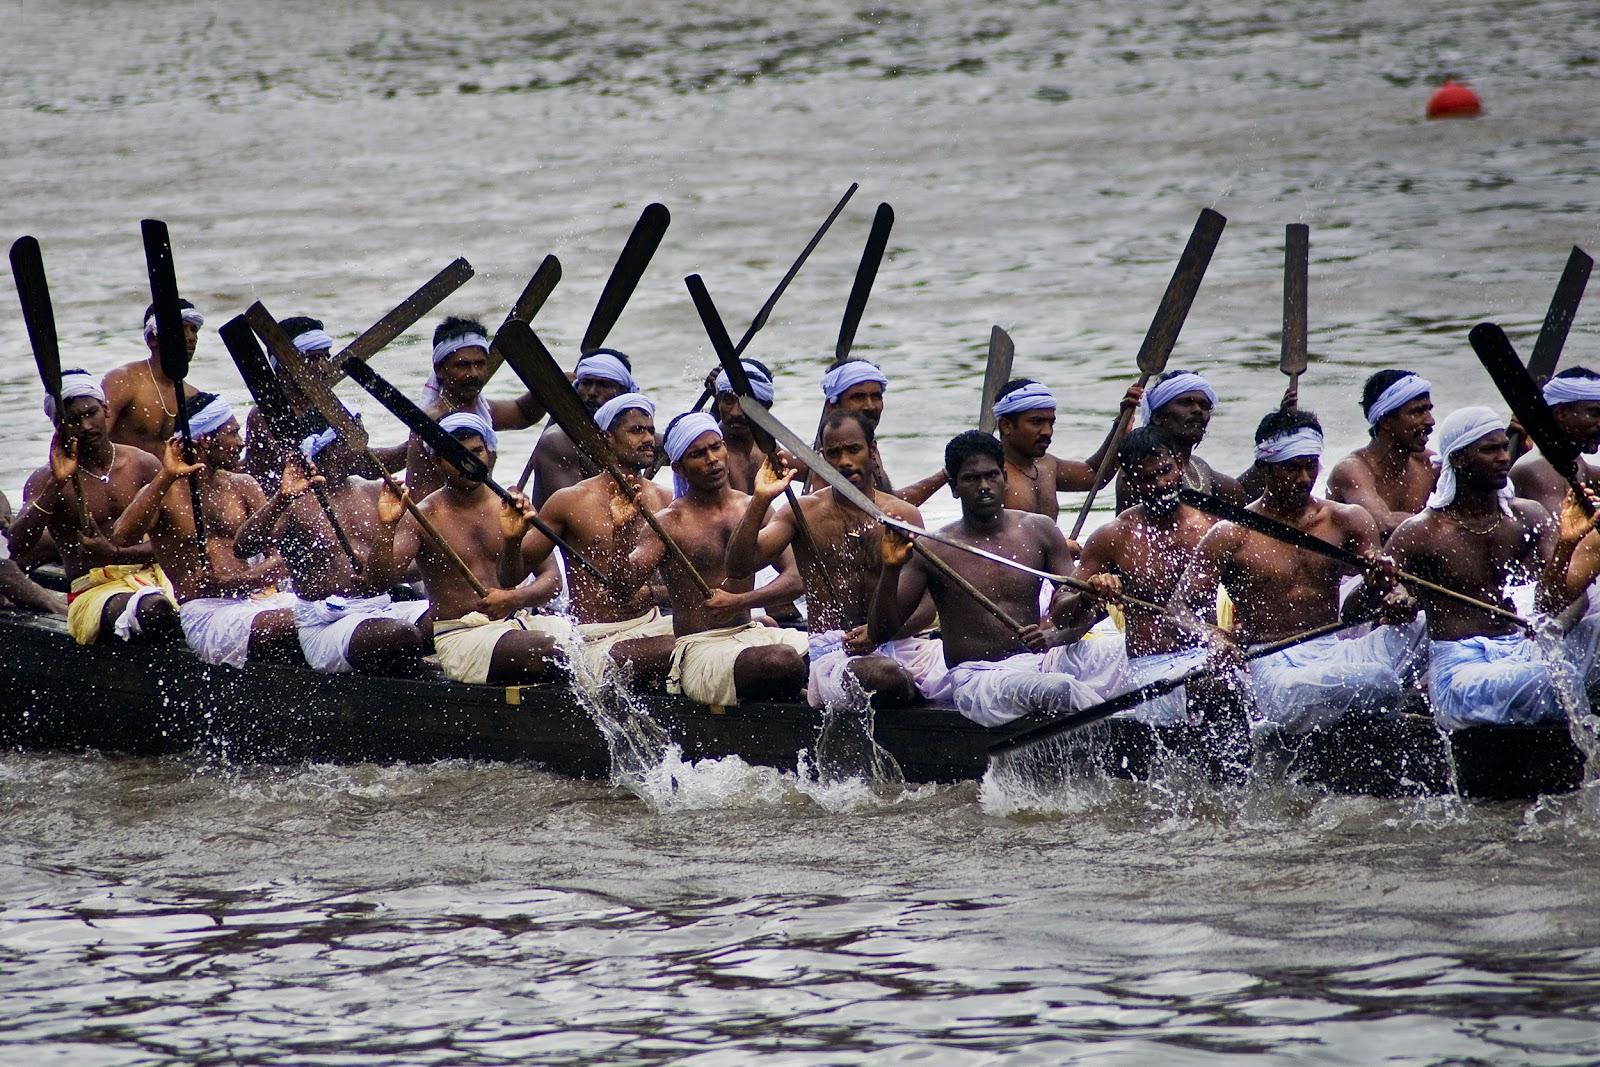 ओणम त्यौहार के शुभ अवसर पर नौका-दौड़ की प्रतियोगिता में भाग लेते लोग।